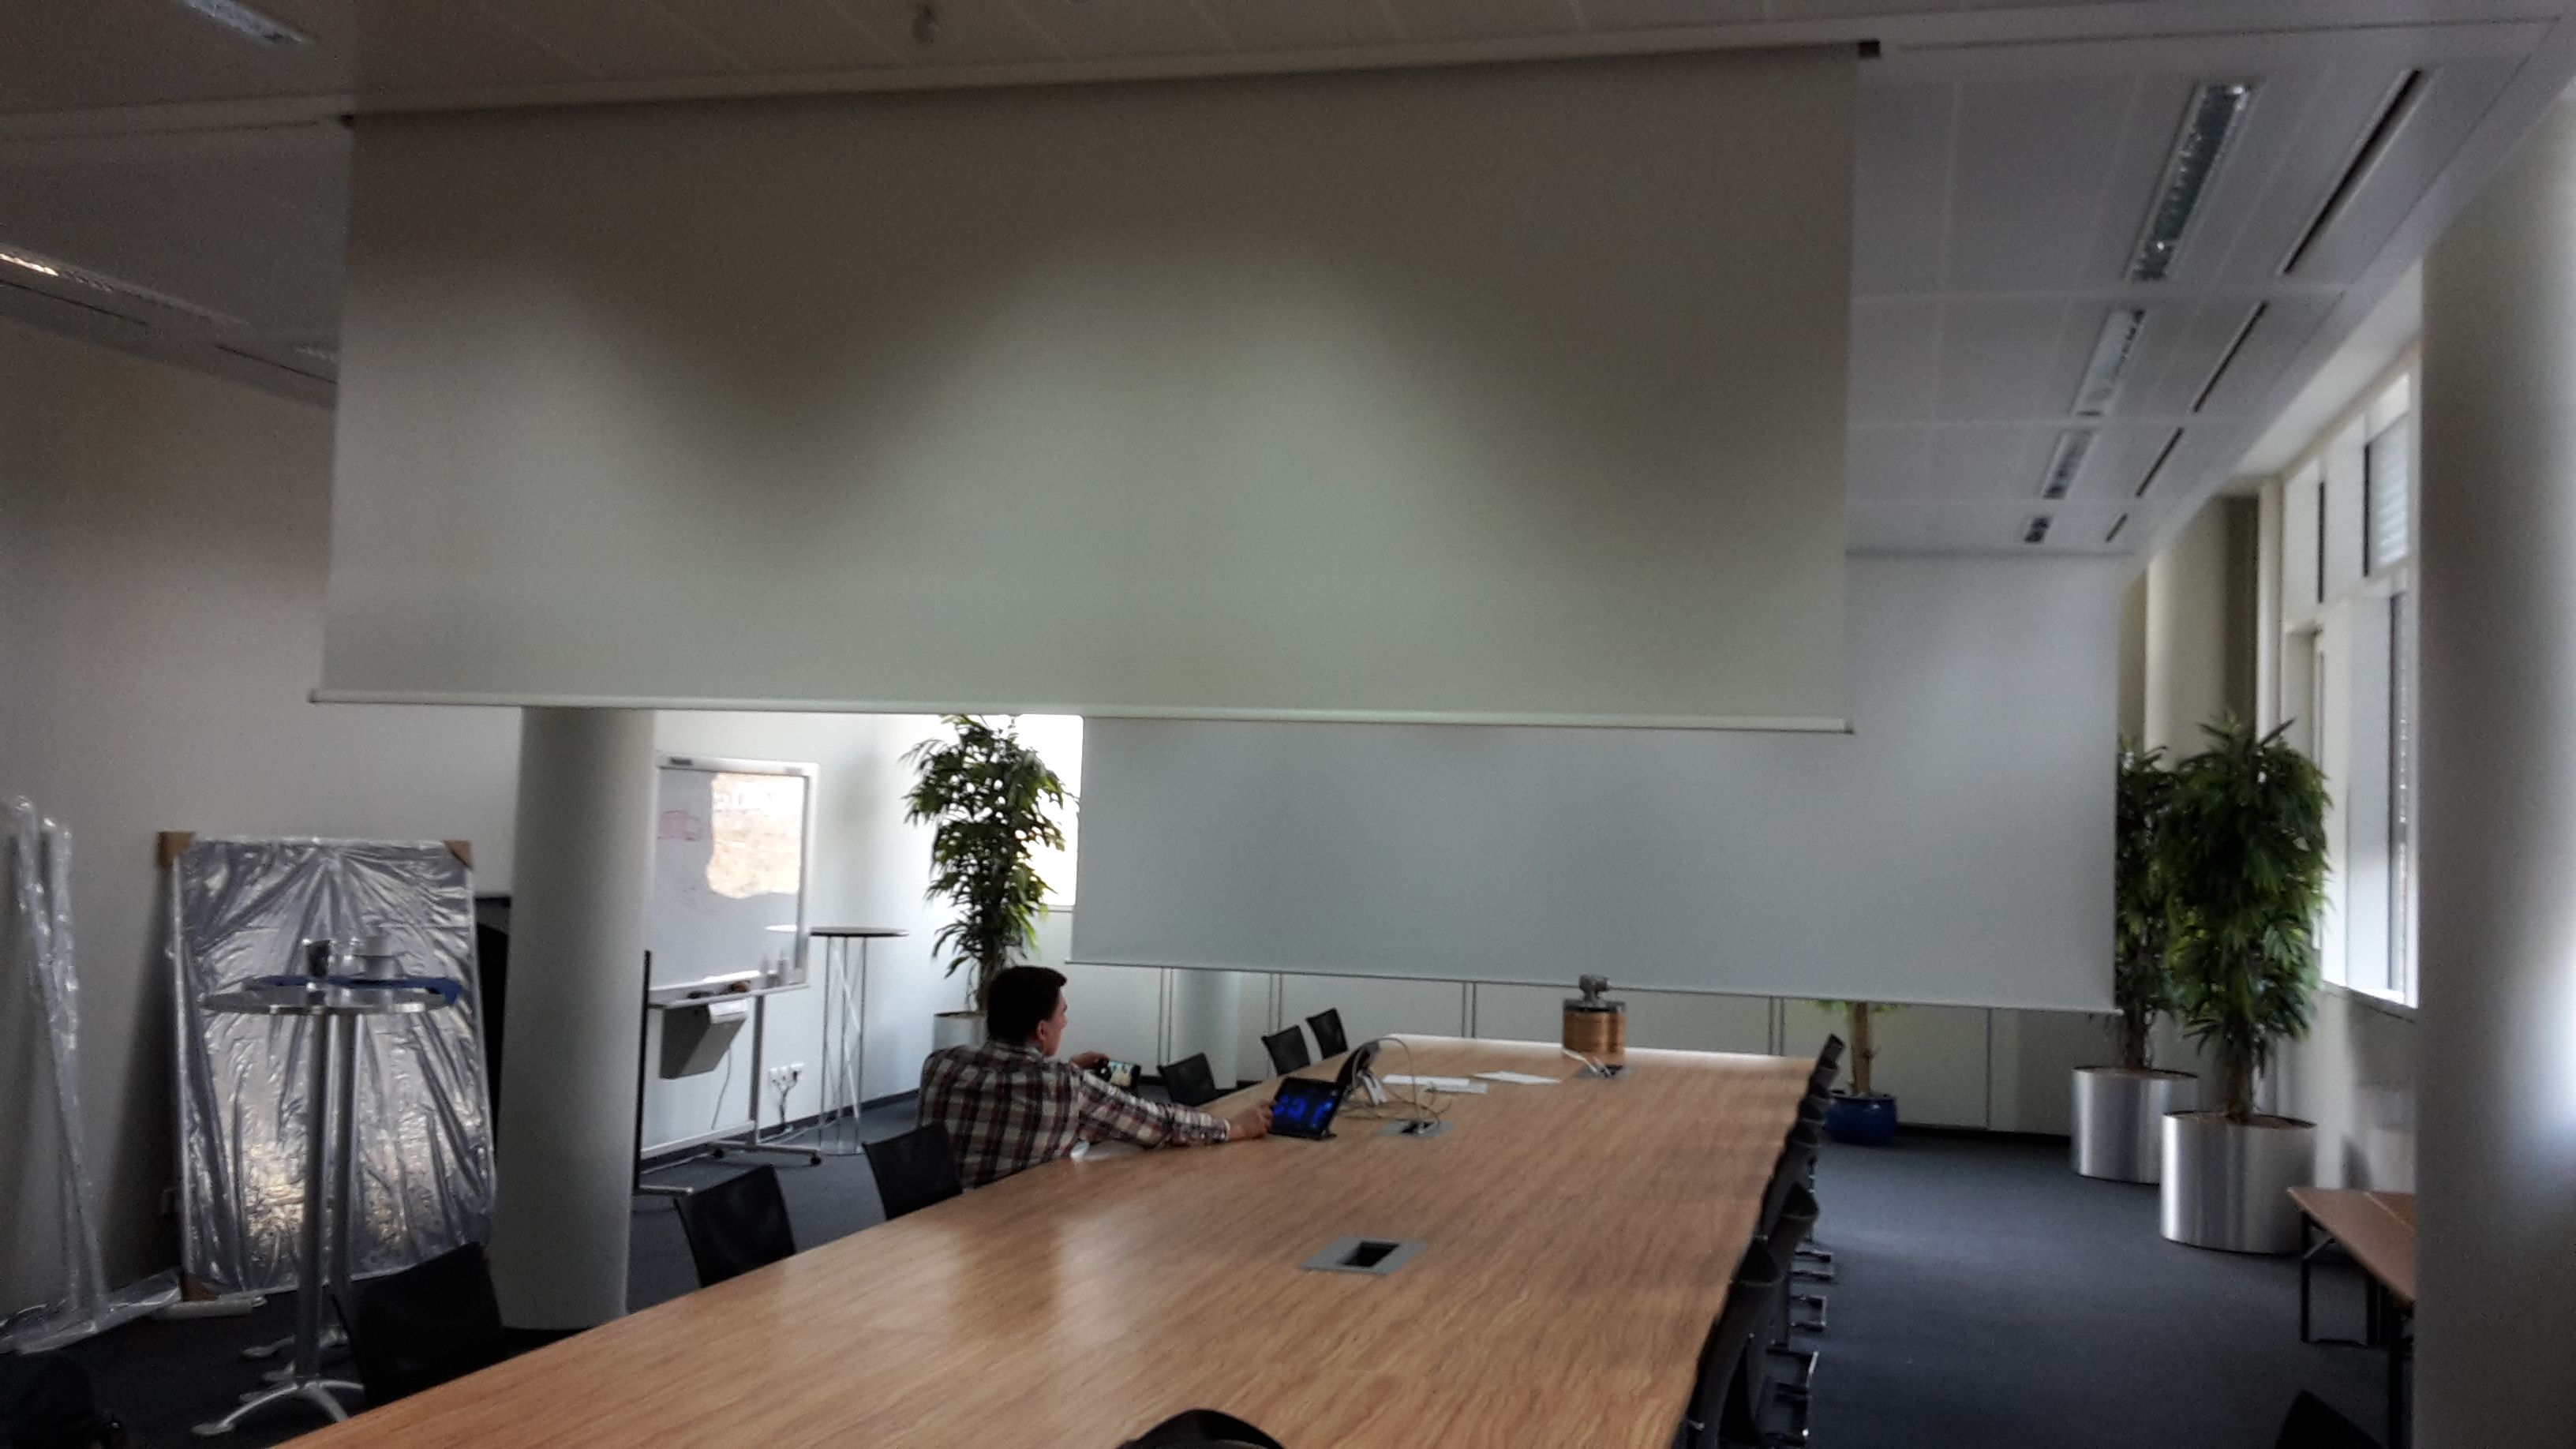 Doppelleinwand Konferenzraum Dillingen